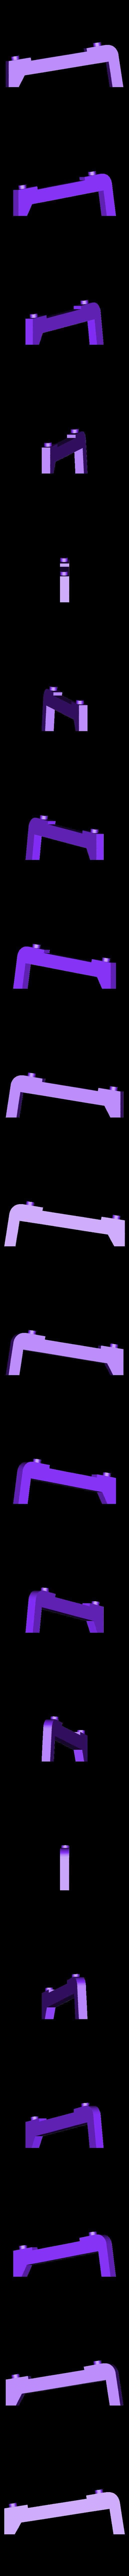 display_support_right.stl Télécharger fichier OBJ gratuit Conception d'une échelle de cuisine • Design à imprimer en 3D, kakiemon